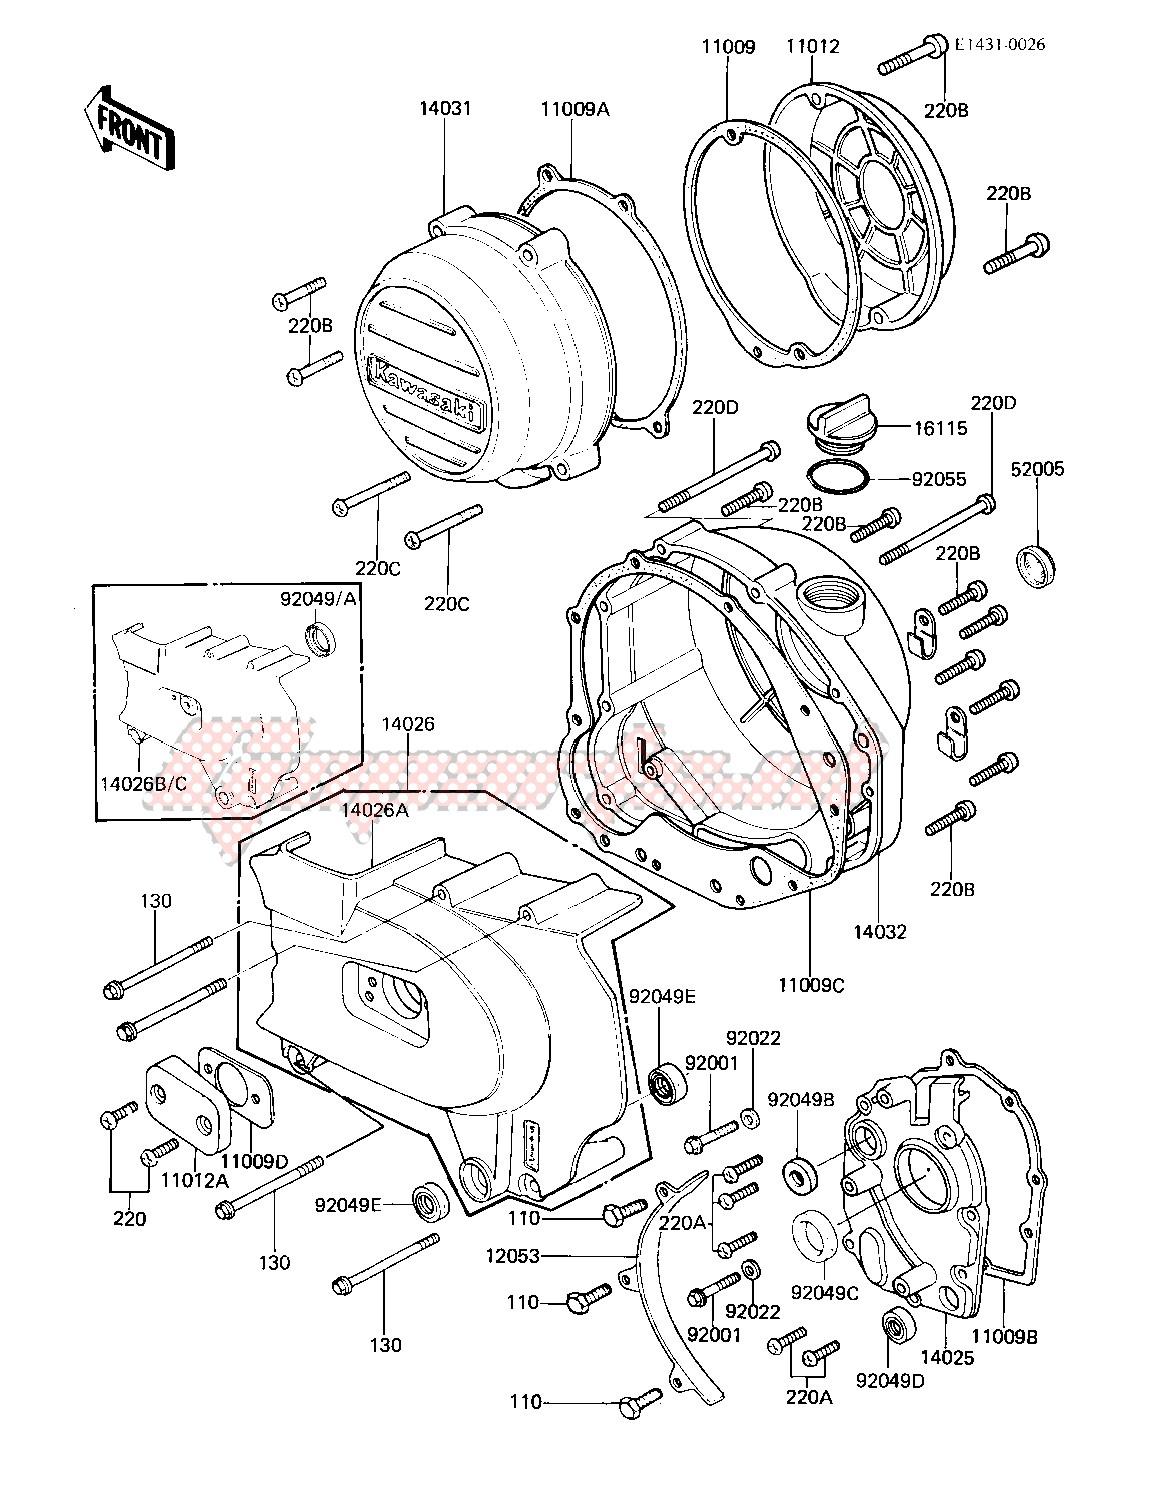 kz750 80 wiring diagram oem engine covers 81 82 kz750 e2 e3  kawasaki  motorcycle  oem engine covers 81 82 kz750 e2 e3